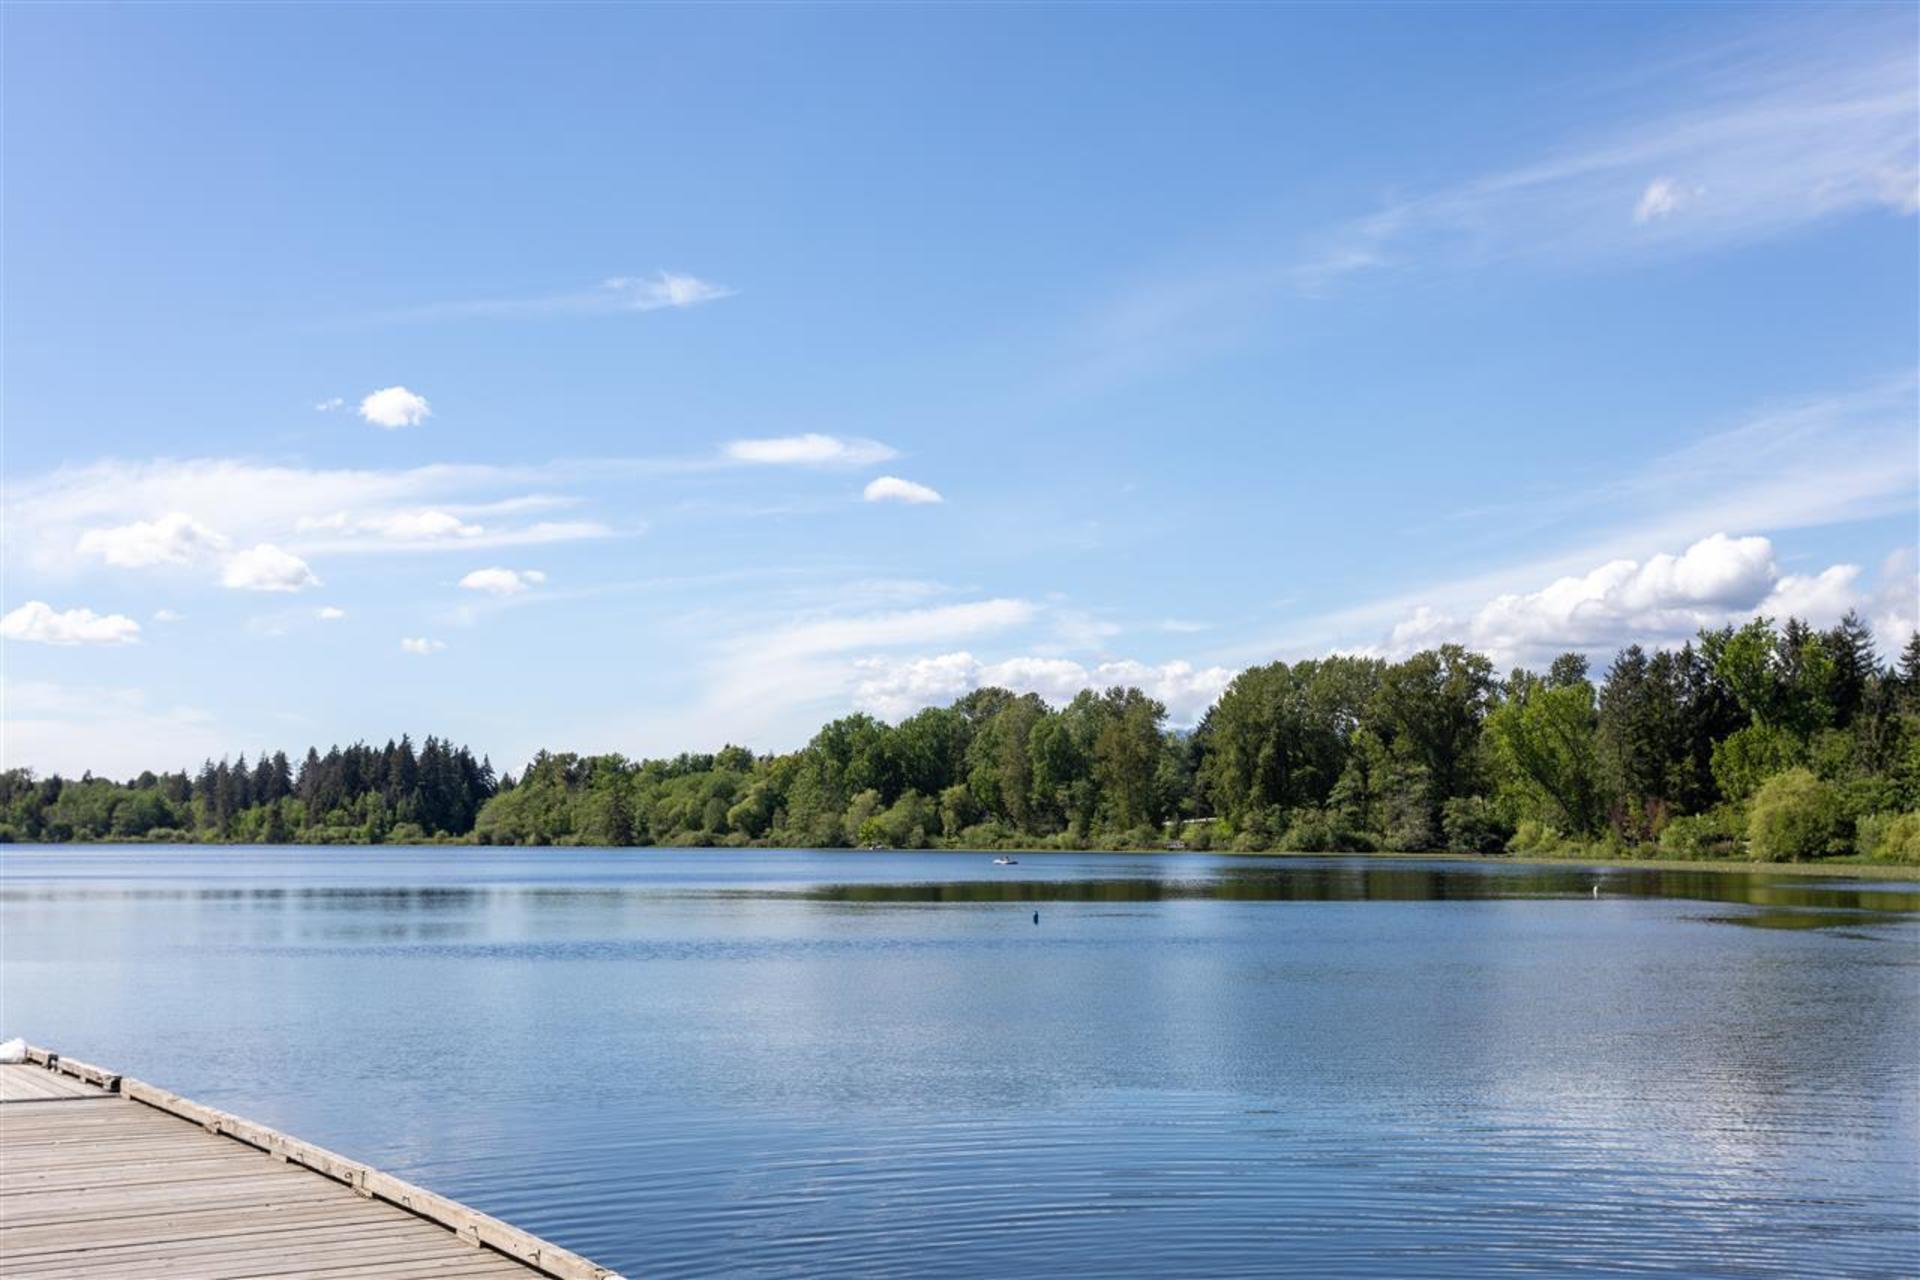 6036-brantford-avenue-upper-deer-lake-burnaby-south-18 at 6036 Brantford Avenue, Upper Deer Lake, Burnaby South